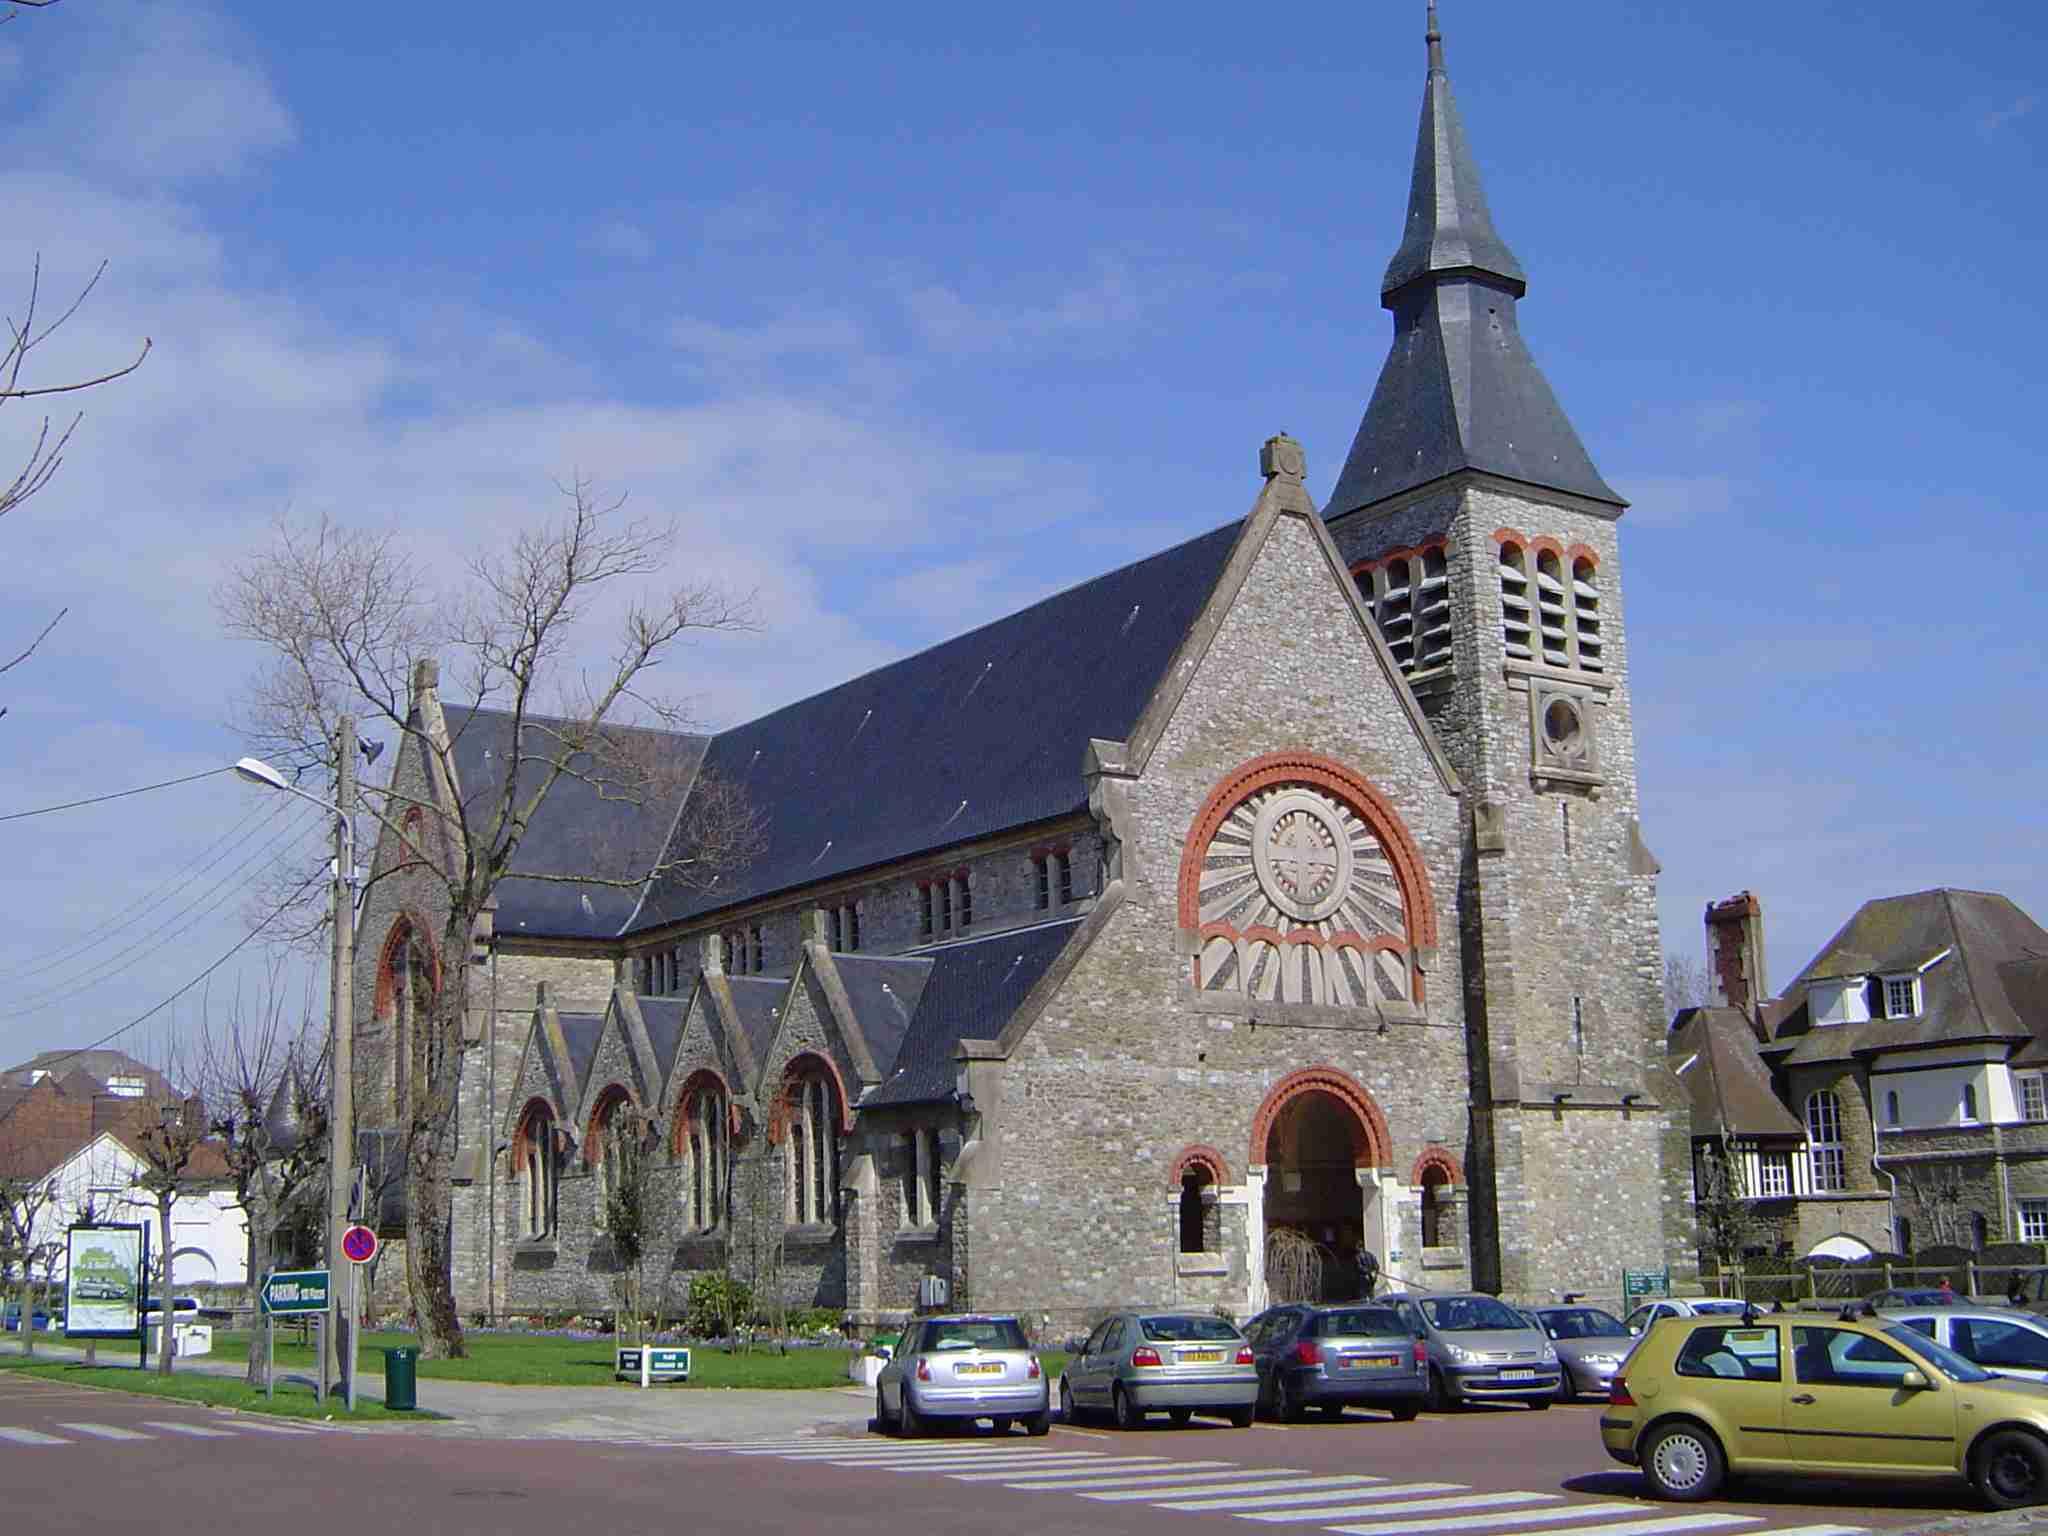 L'église Sainte Jeanne D'arc du Touquet